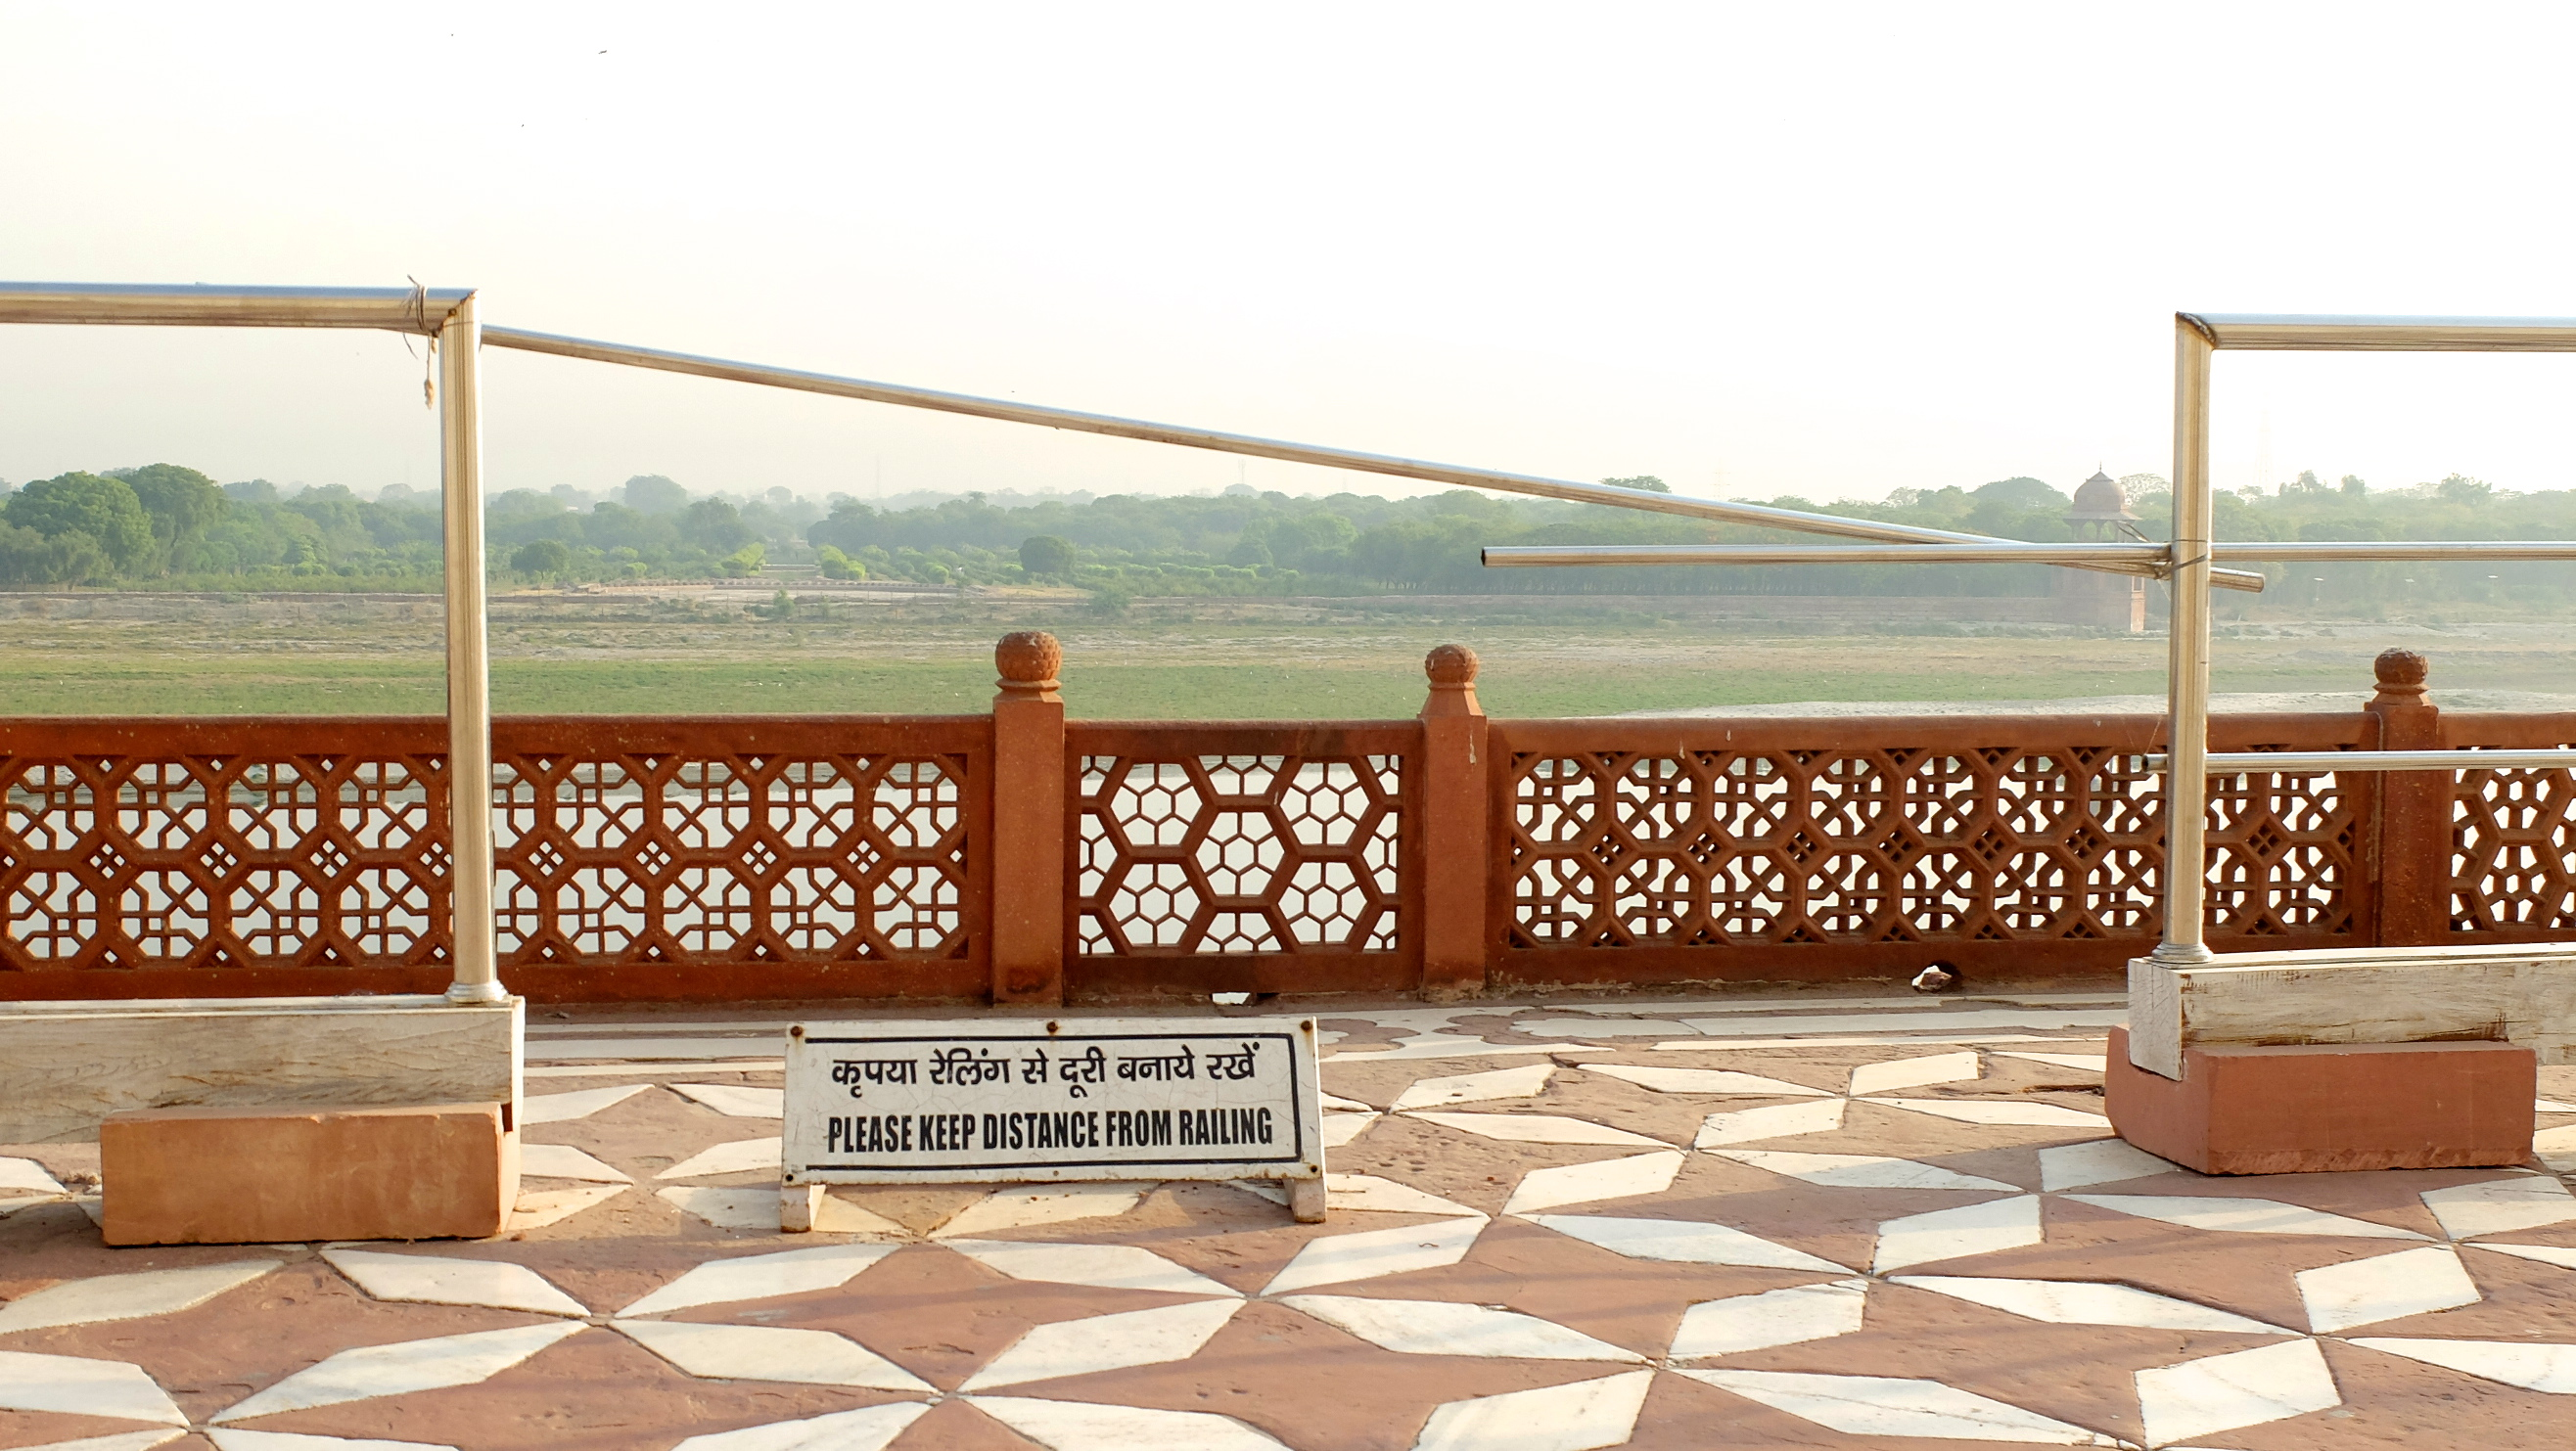 Au Taj Mahal, on va vous le dire combien de fois : On. Ne. S'appuie. Pas. Sur. La. Barrière. Va y avoir un accident un de ces quat', j'vous jure, ma brave dame.